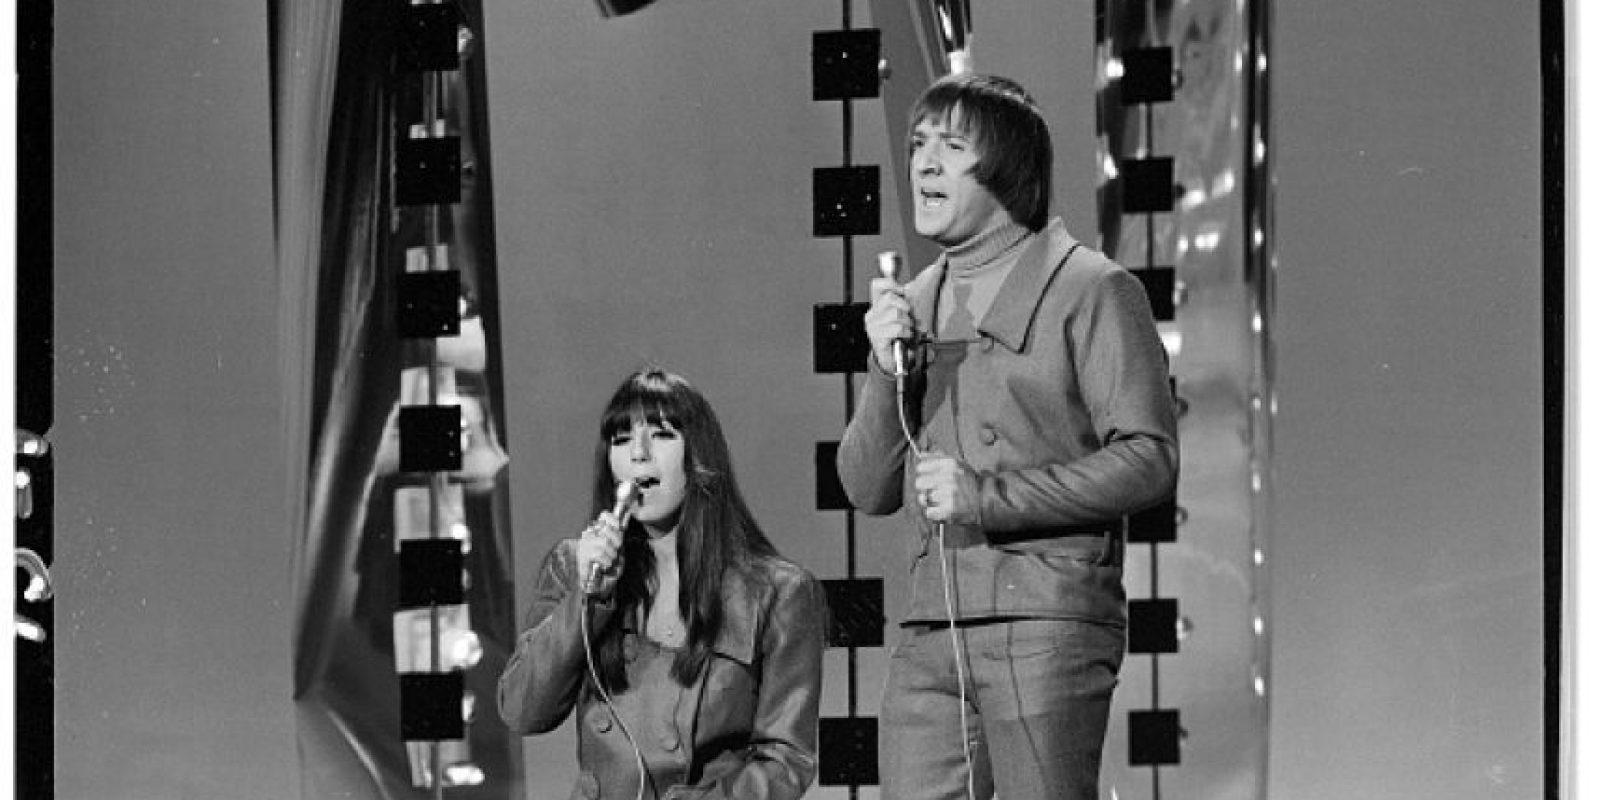 Su voz es contralto. Comenzó con el dúo Sonny & Cher. Foto:vía Getty Images